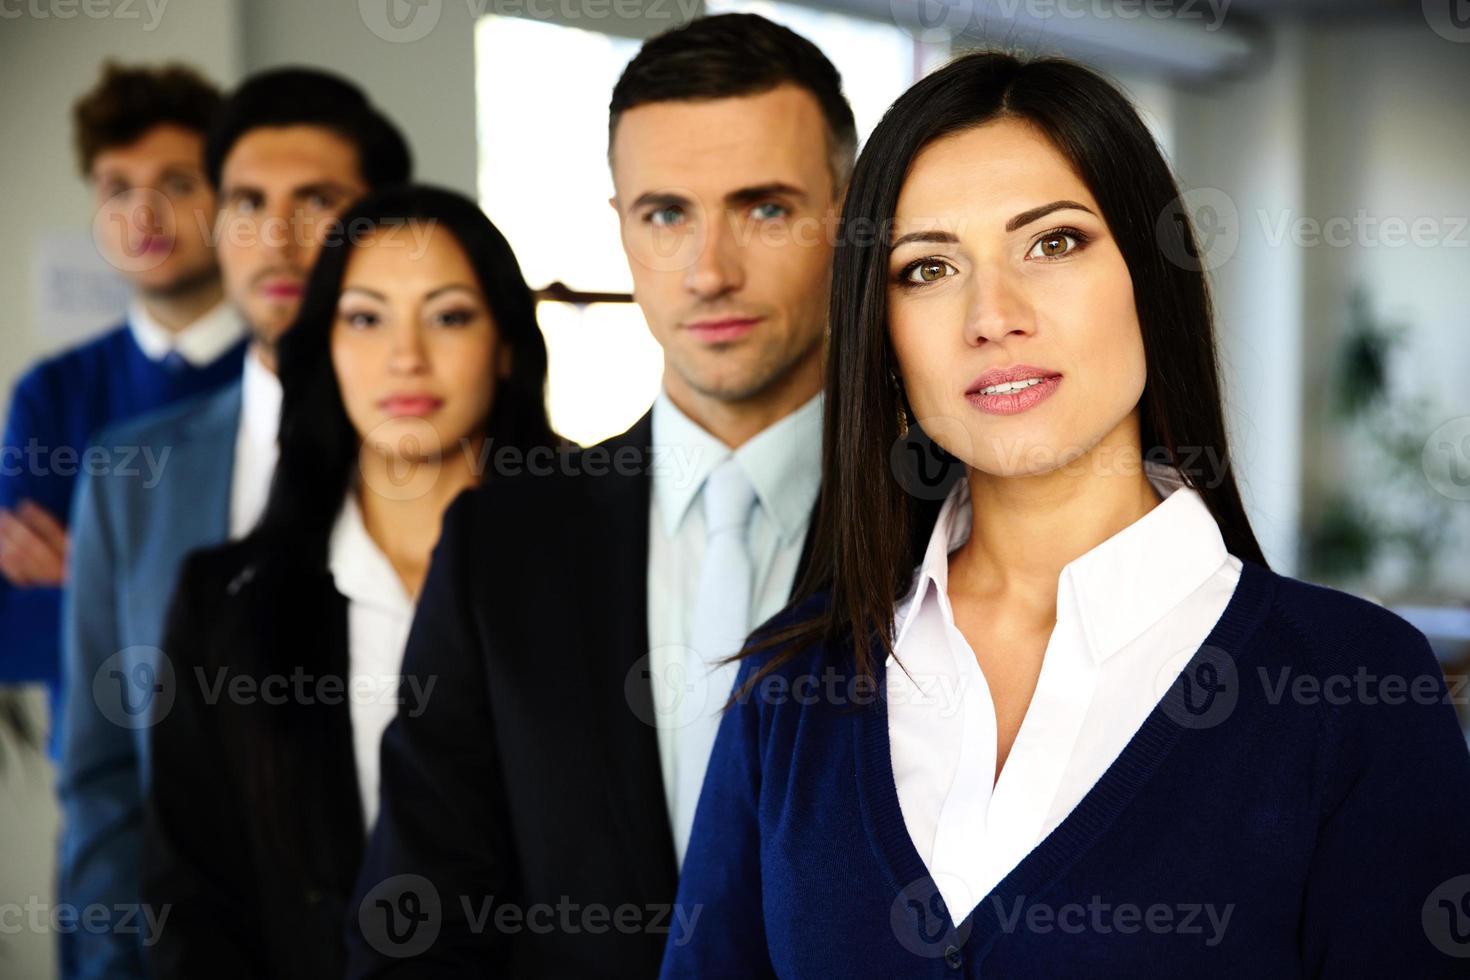 Geschäftsleute standen in einer Reihe foto